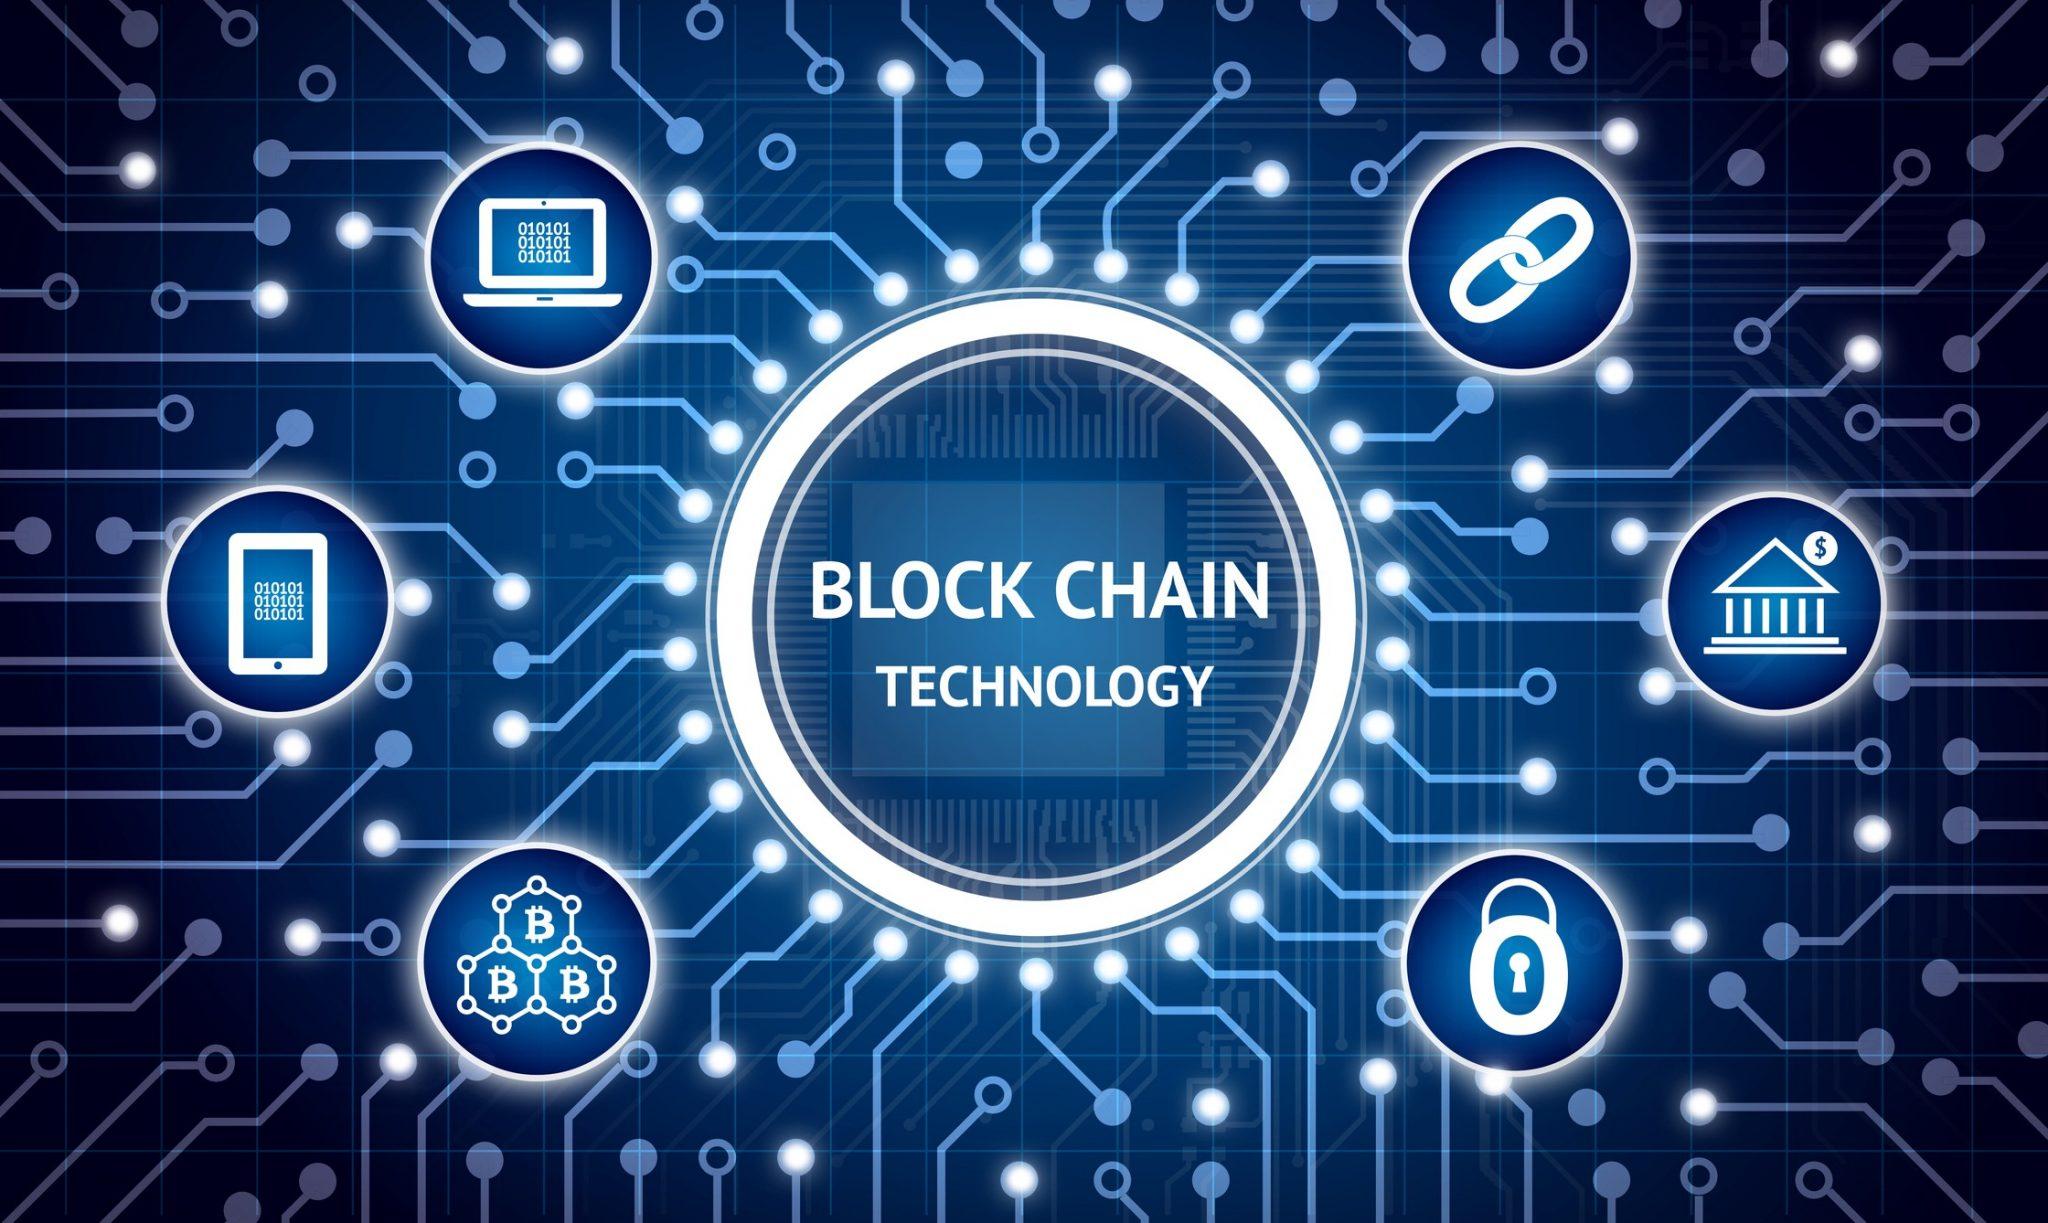 В США ведомства начали активно использовать блокчейн